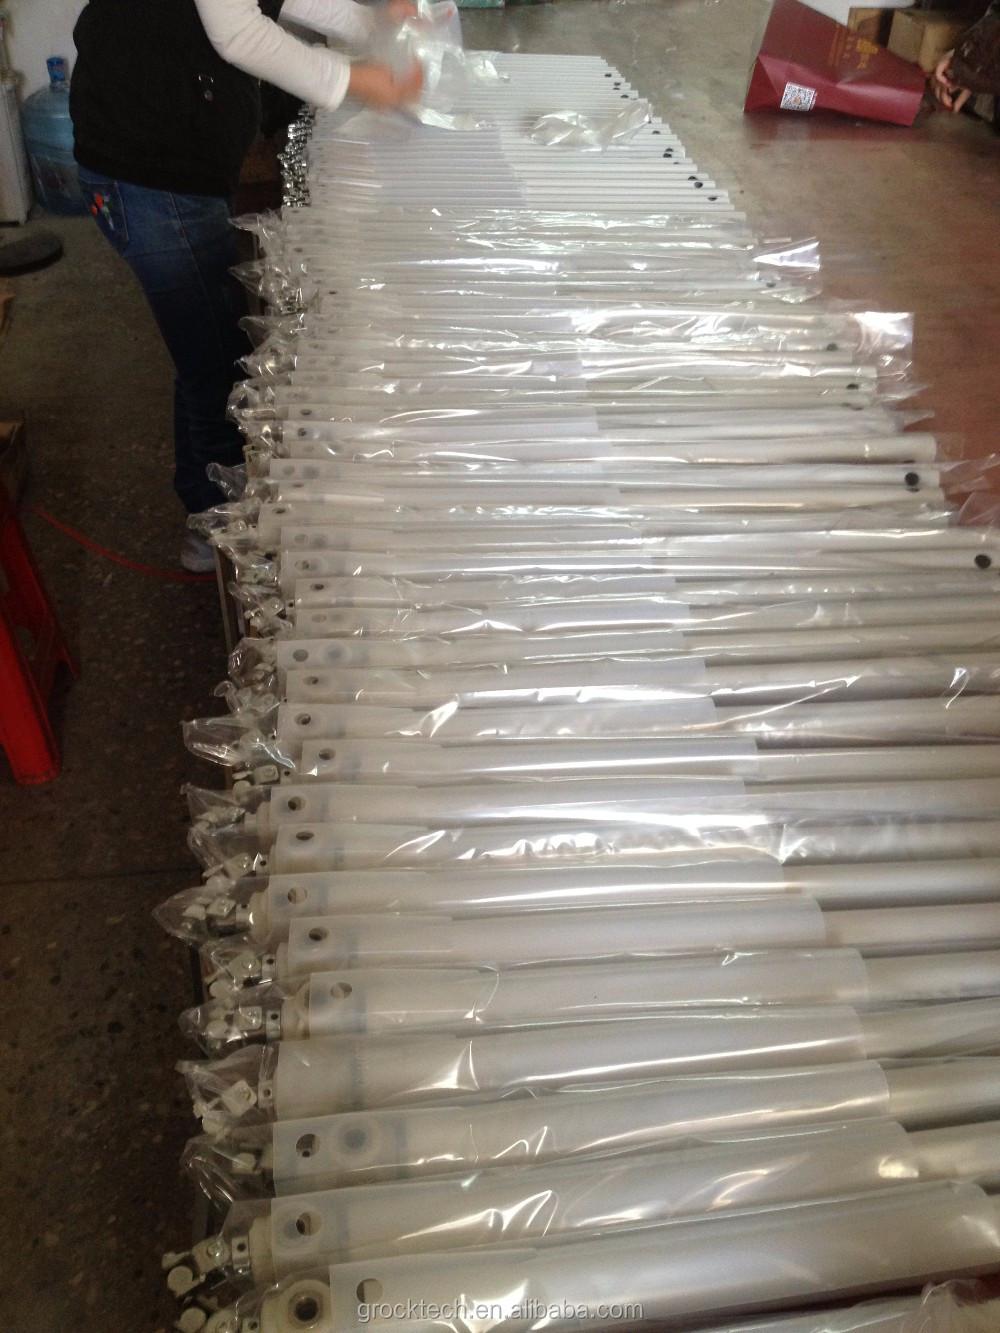 G-Рок высокое качество 100-200 мм винт ход кормящих кровать использование ручной